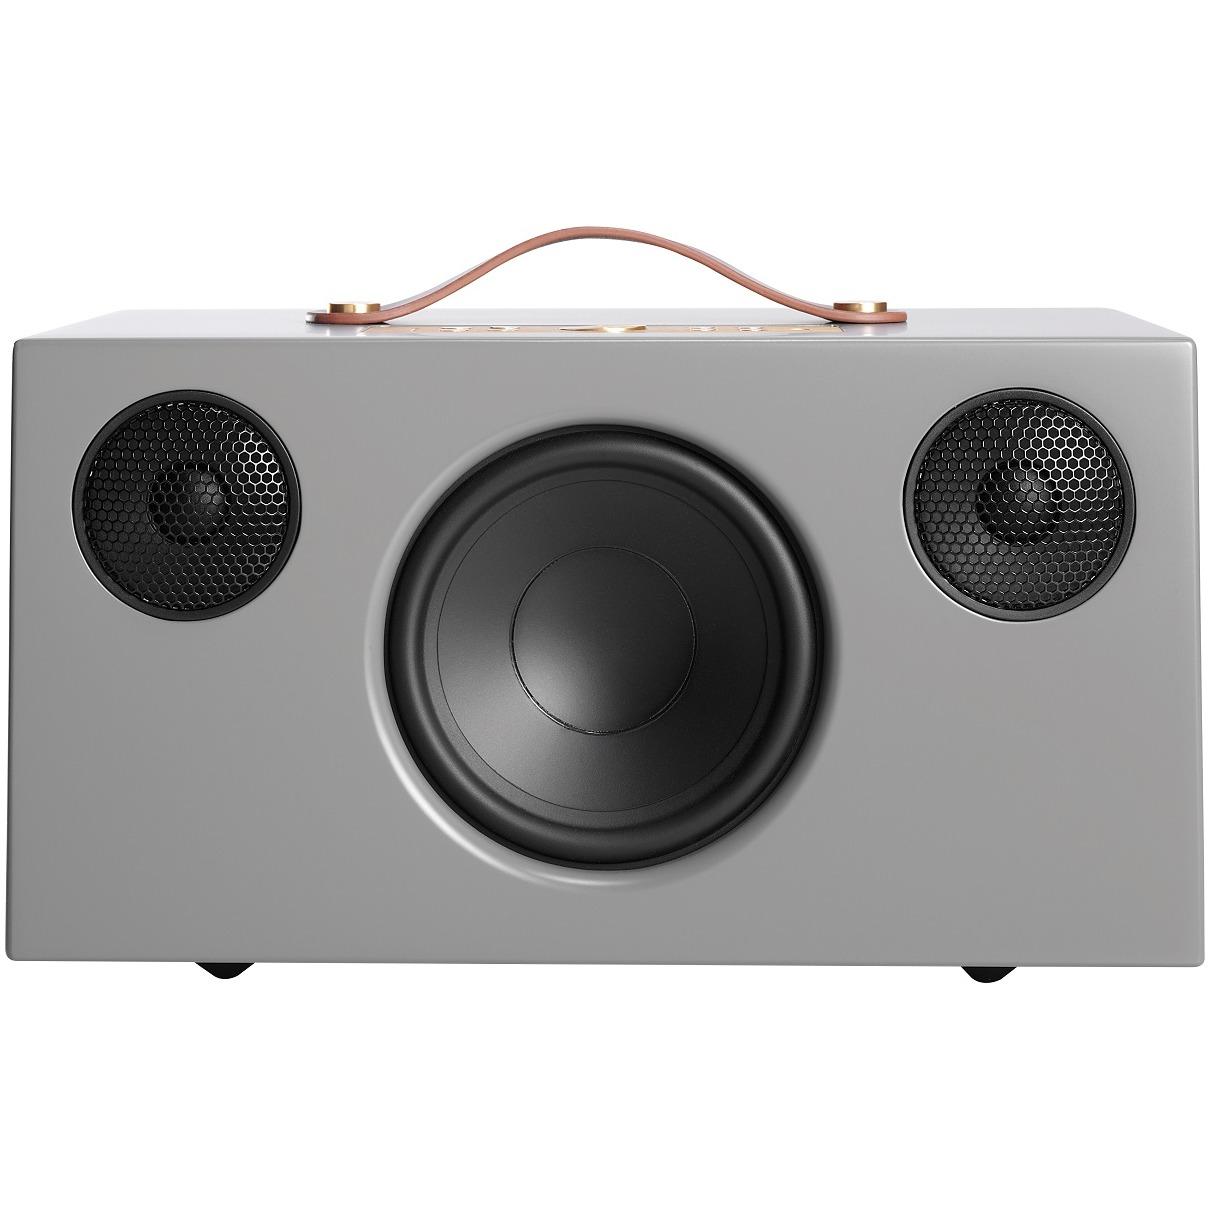 Afbeelding van Audio Pro wifi speaker C10 grijs